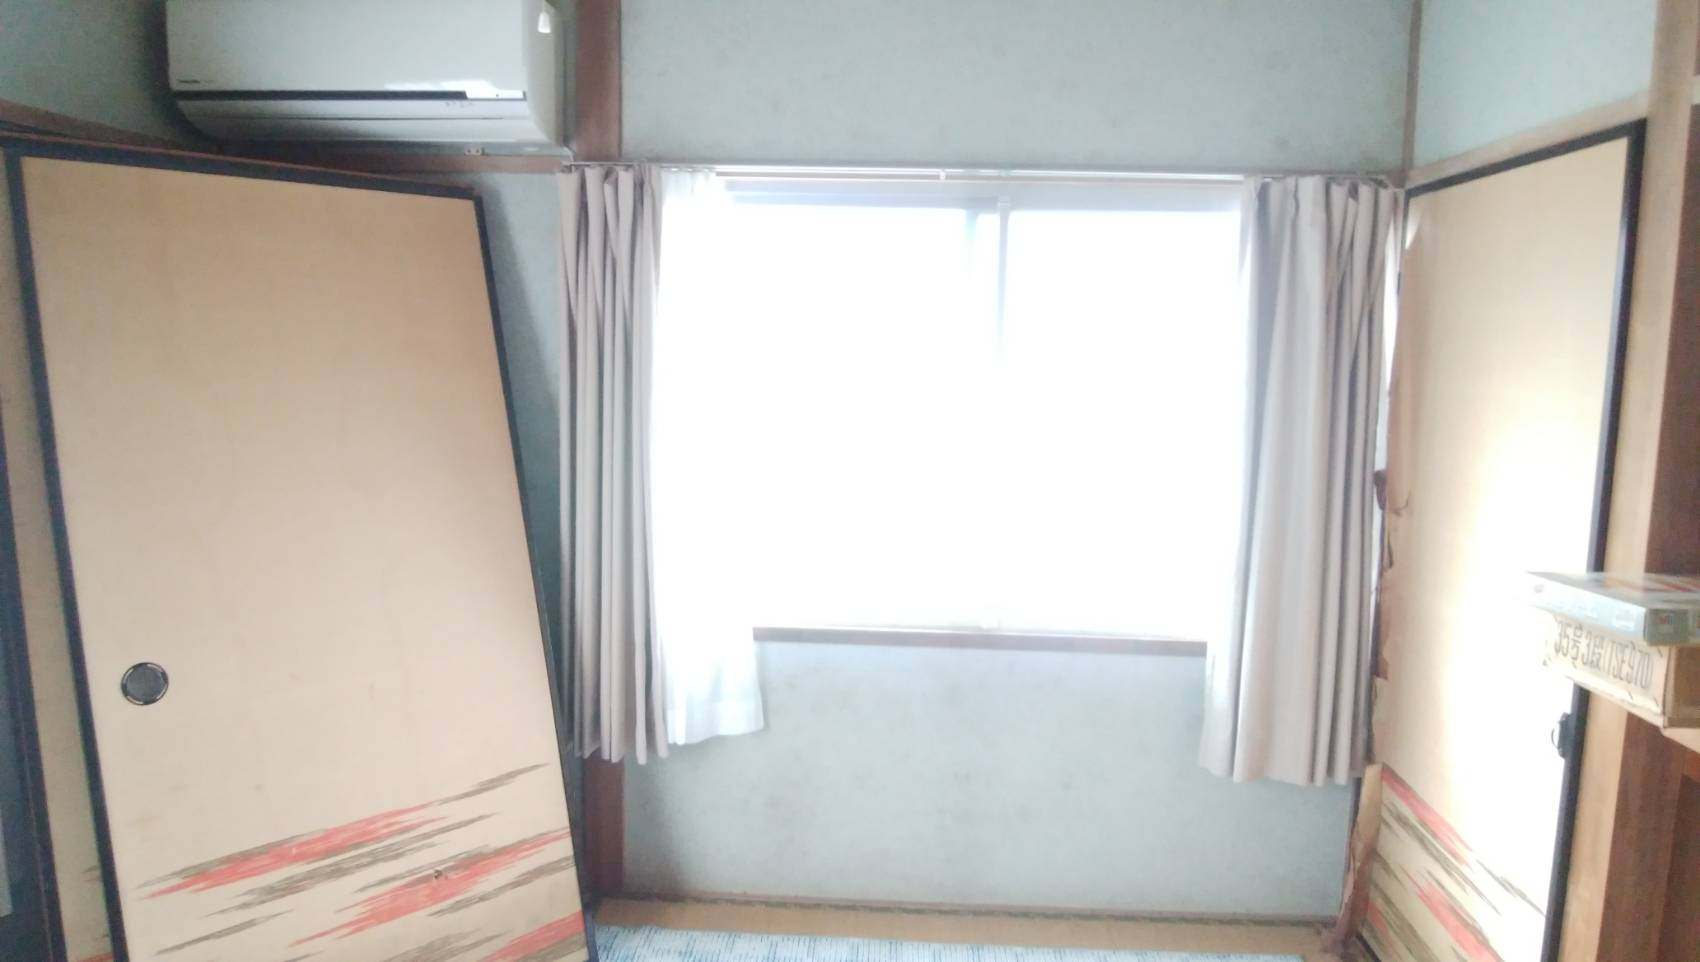 ギャラリーパティオの和室⇒洋室 リフォーム 窓編の施工前の写真1